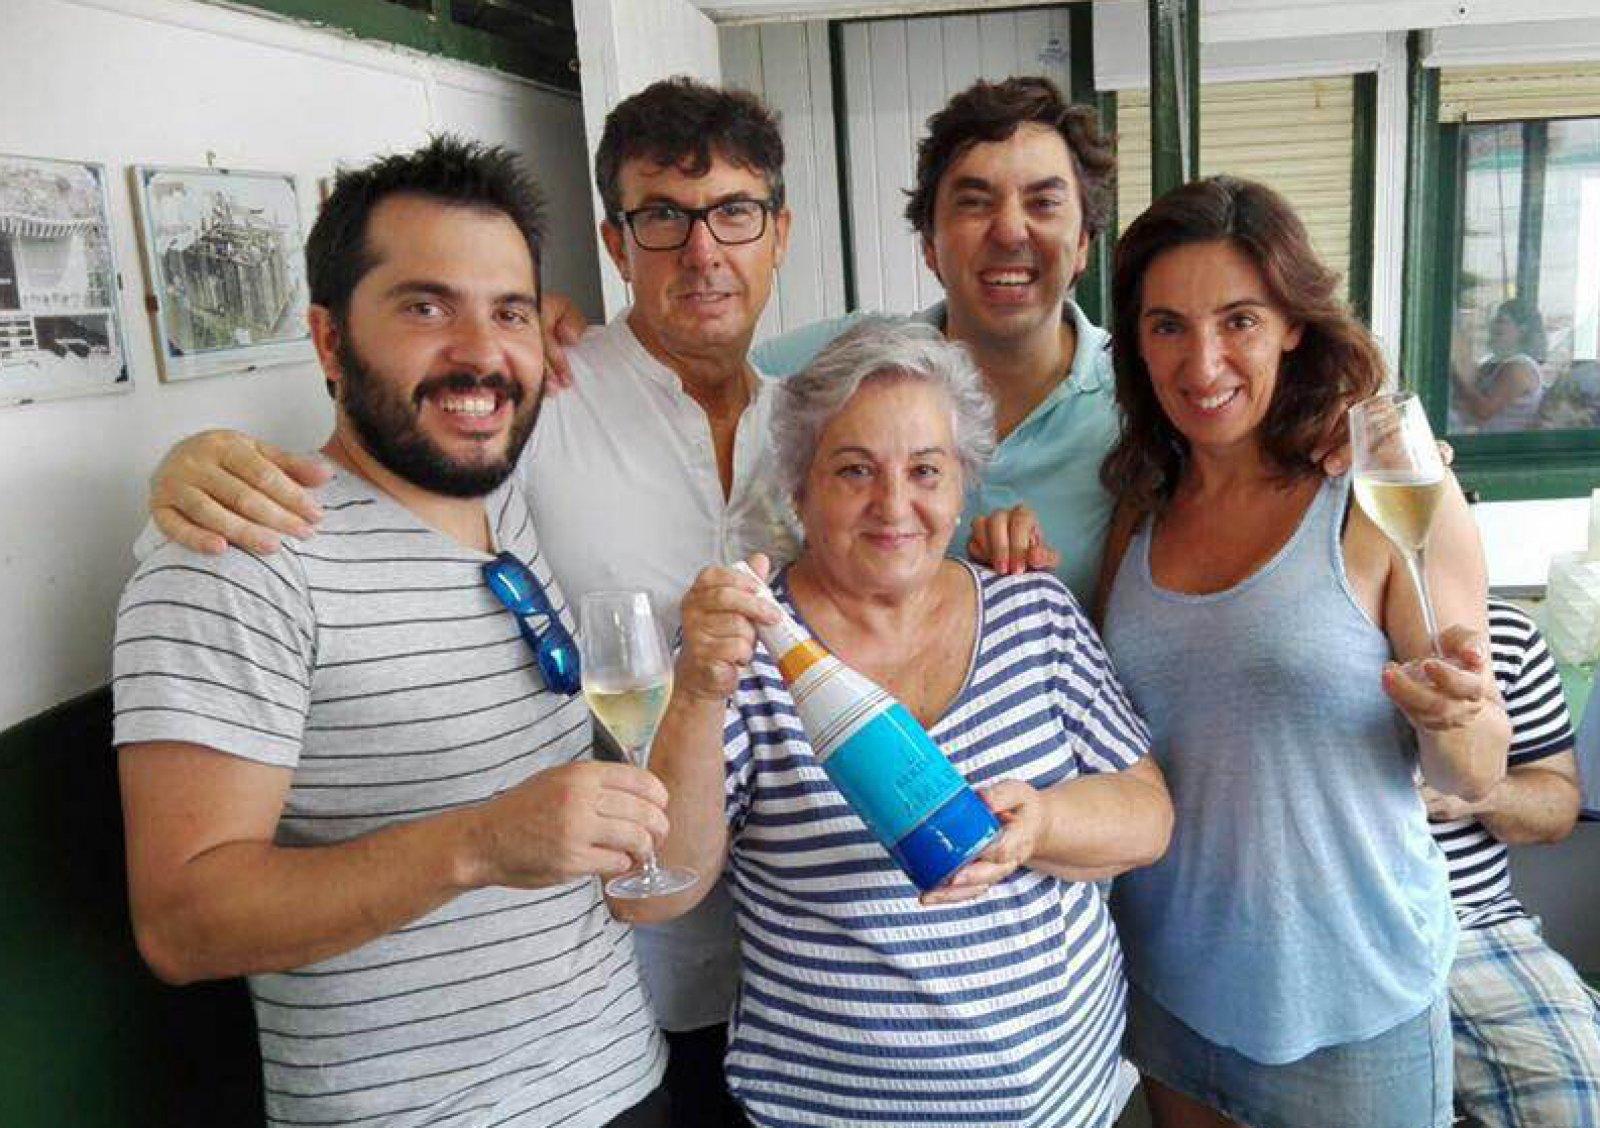 La Família de Jovani Vins, amb la mare -homenatjada- al centre